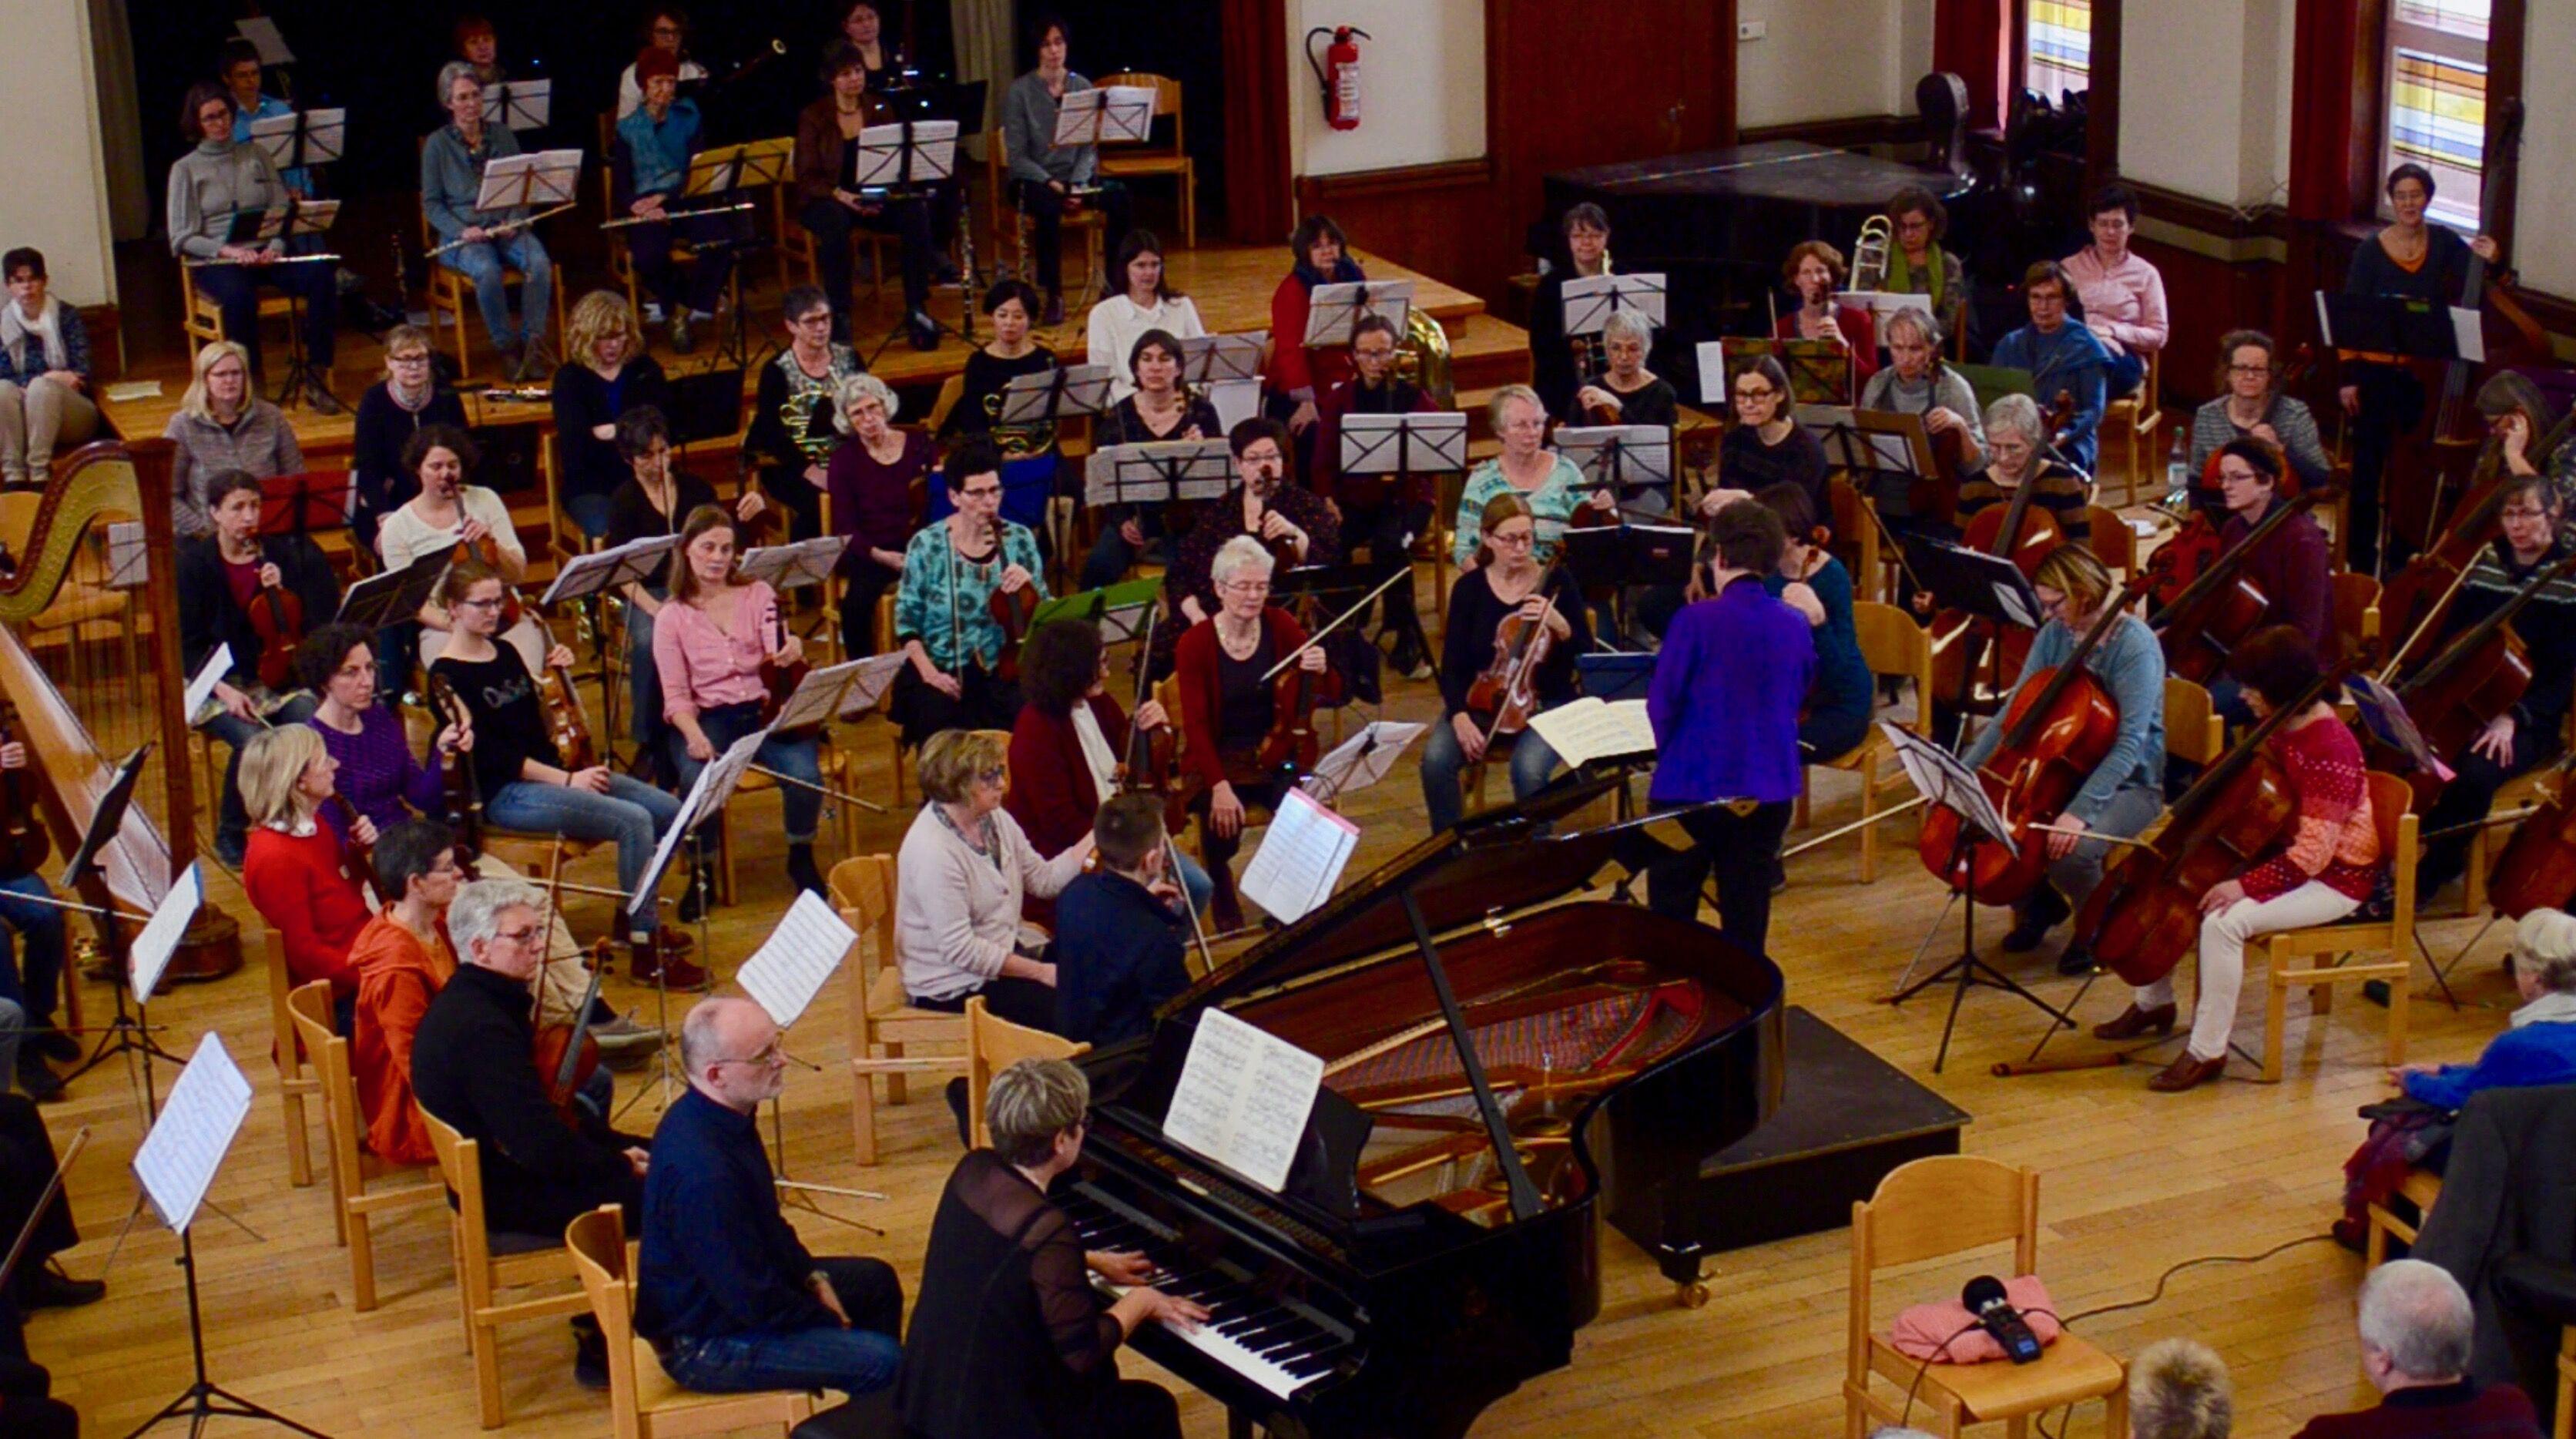 Konzert im Rahmen des Frauenorchesterprojekts Berlin (Foto: Meggie George).